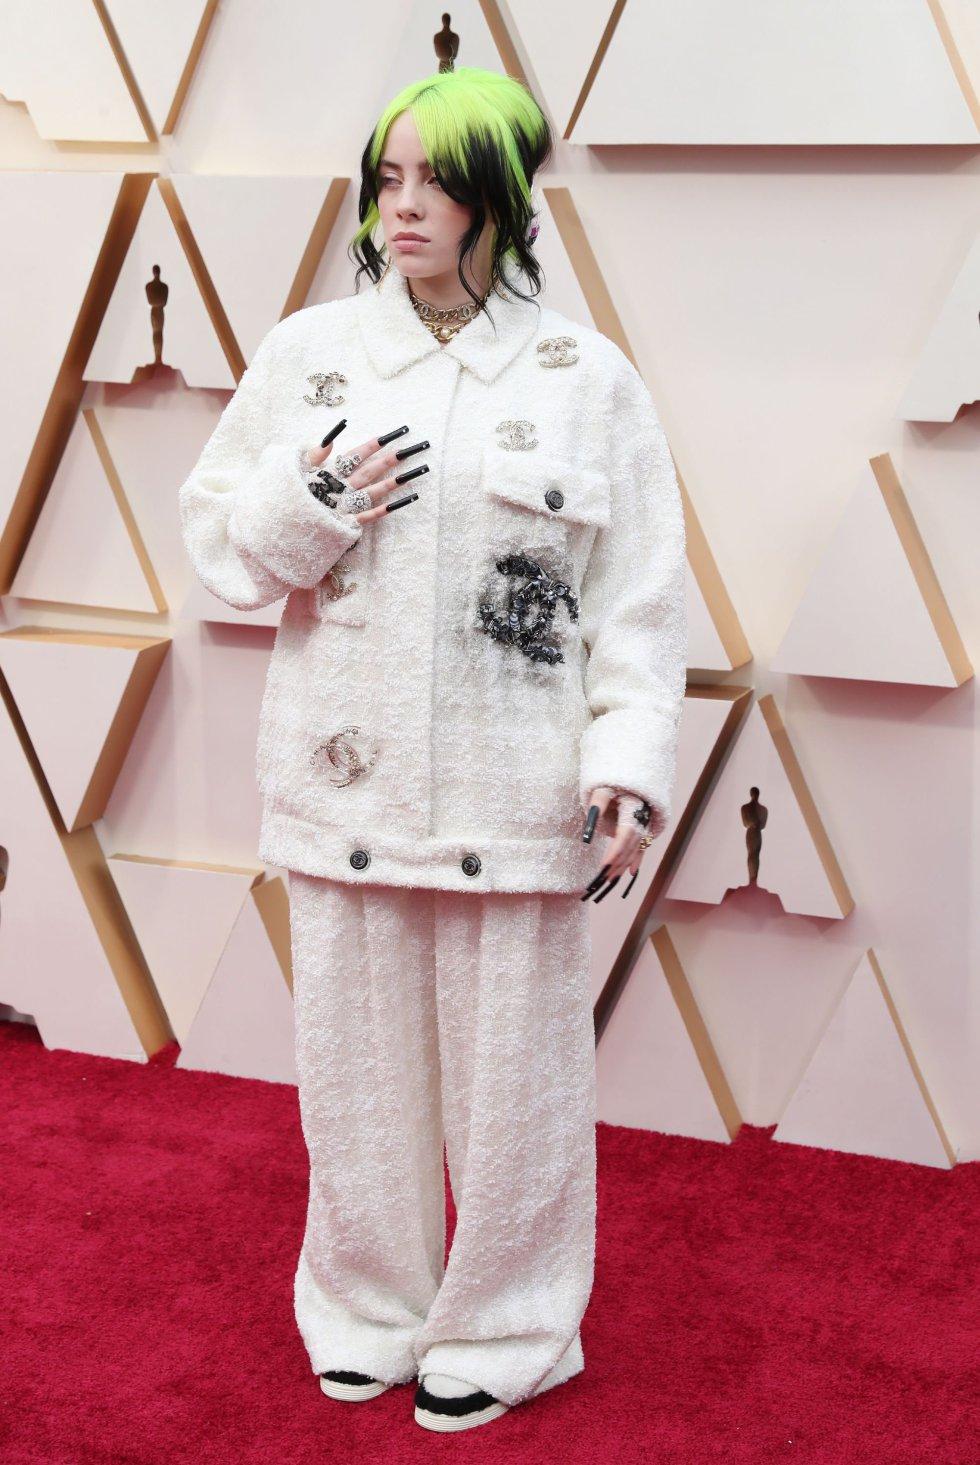 Billie Eilish, ganadora de los principales premios Grammy, cantará en la gala de esta noche